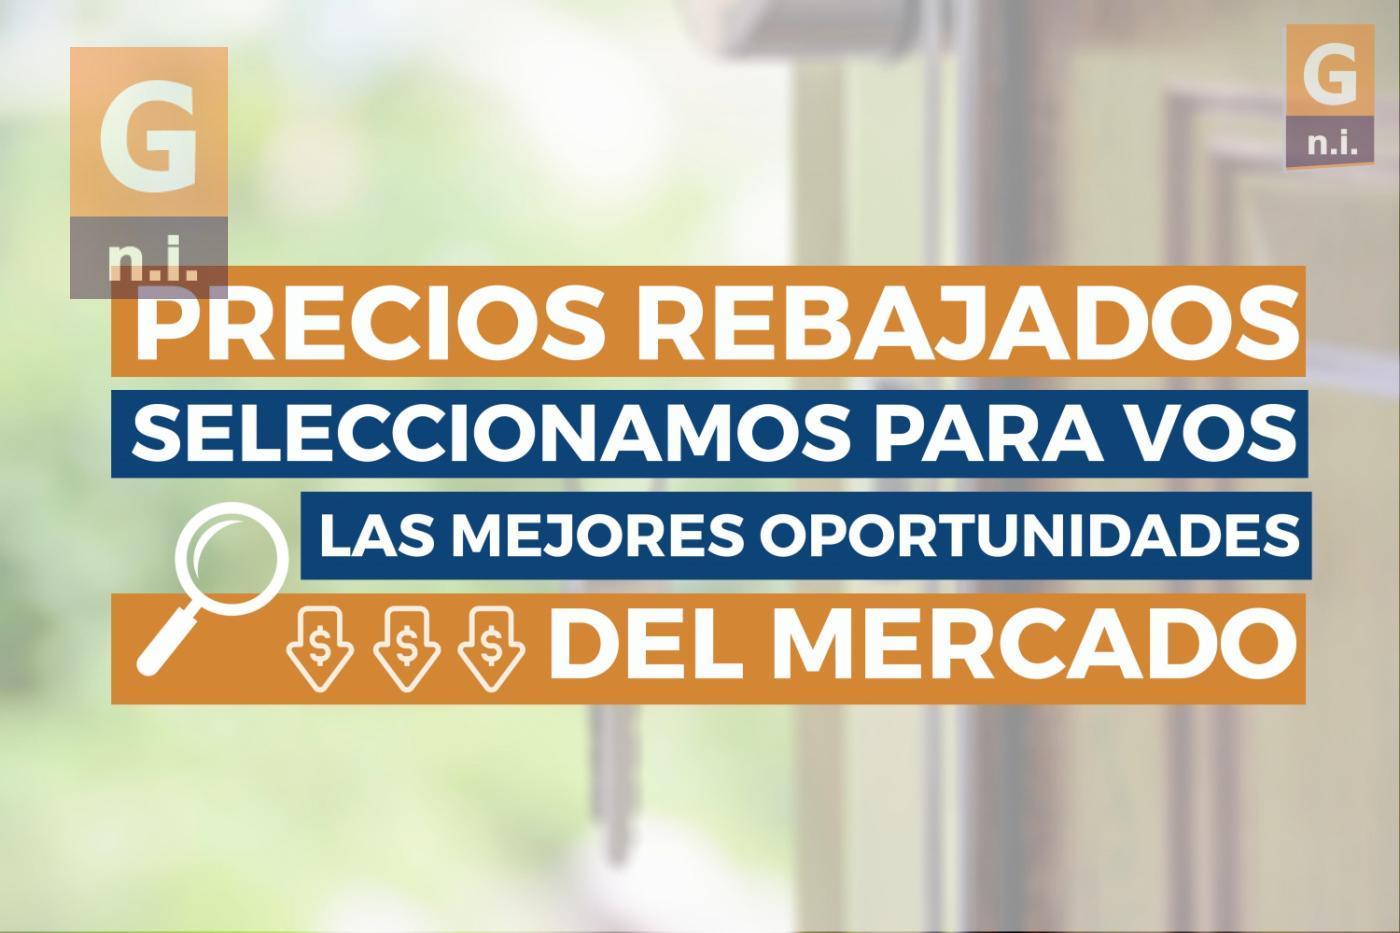 PRECIOS REBAJADOS-Clic aquí